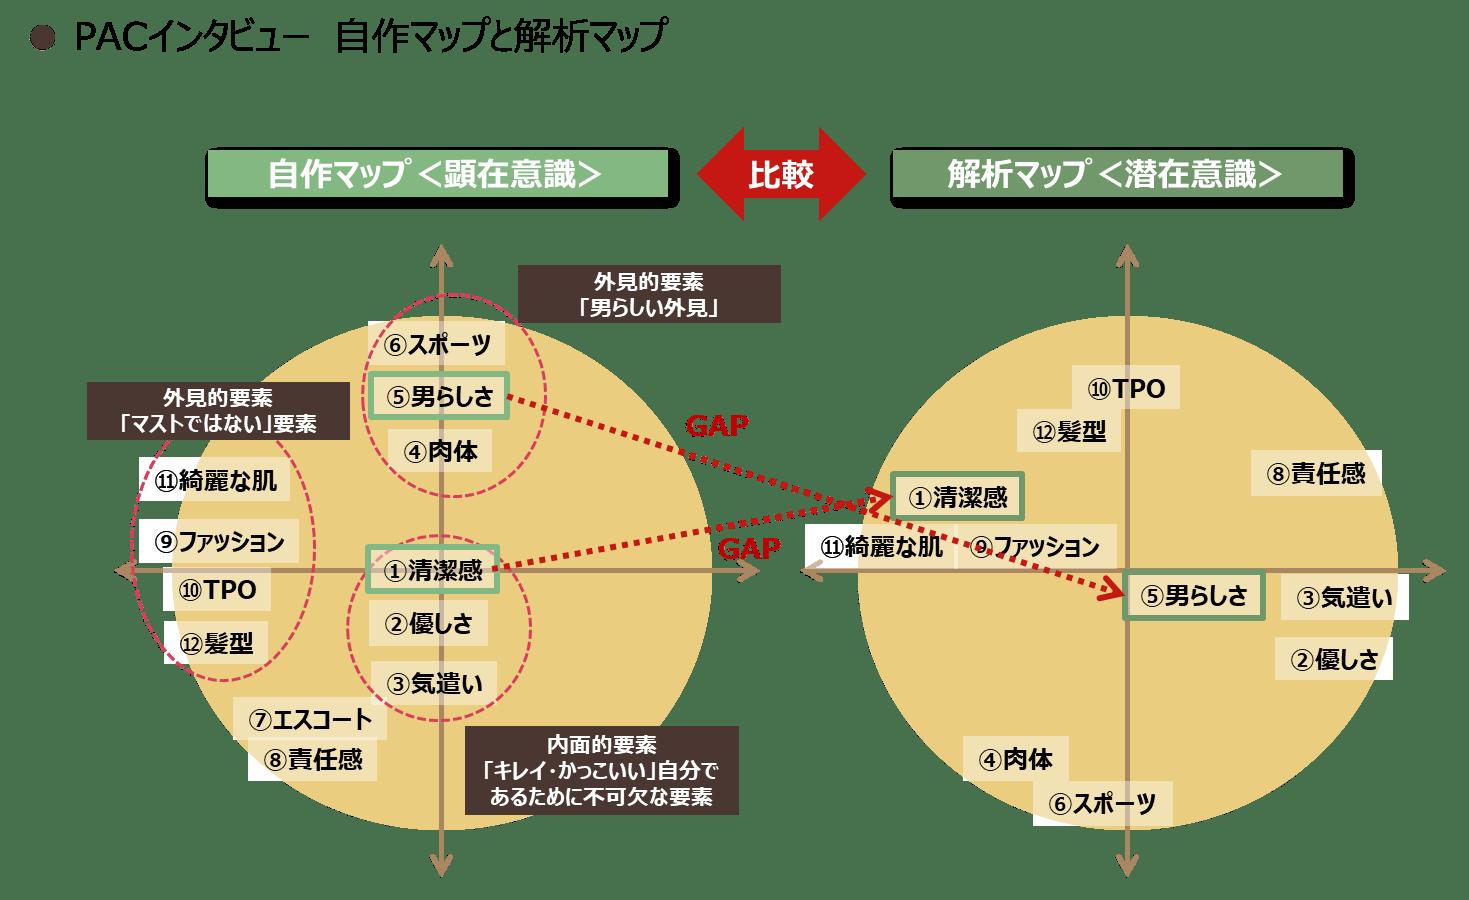 PACインタビュー 自作マップと解析マップ